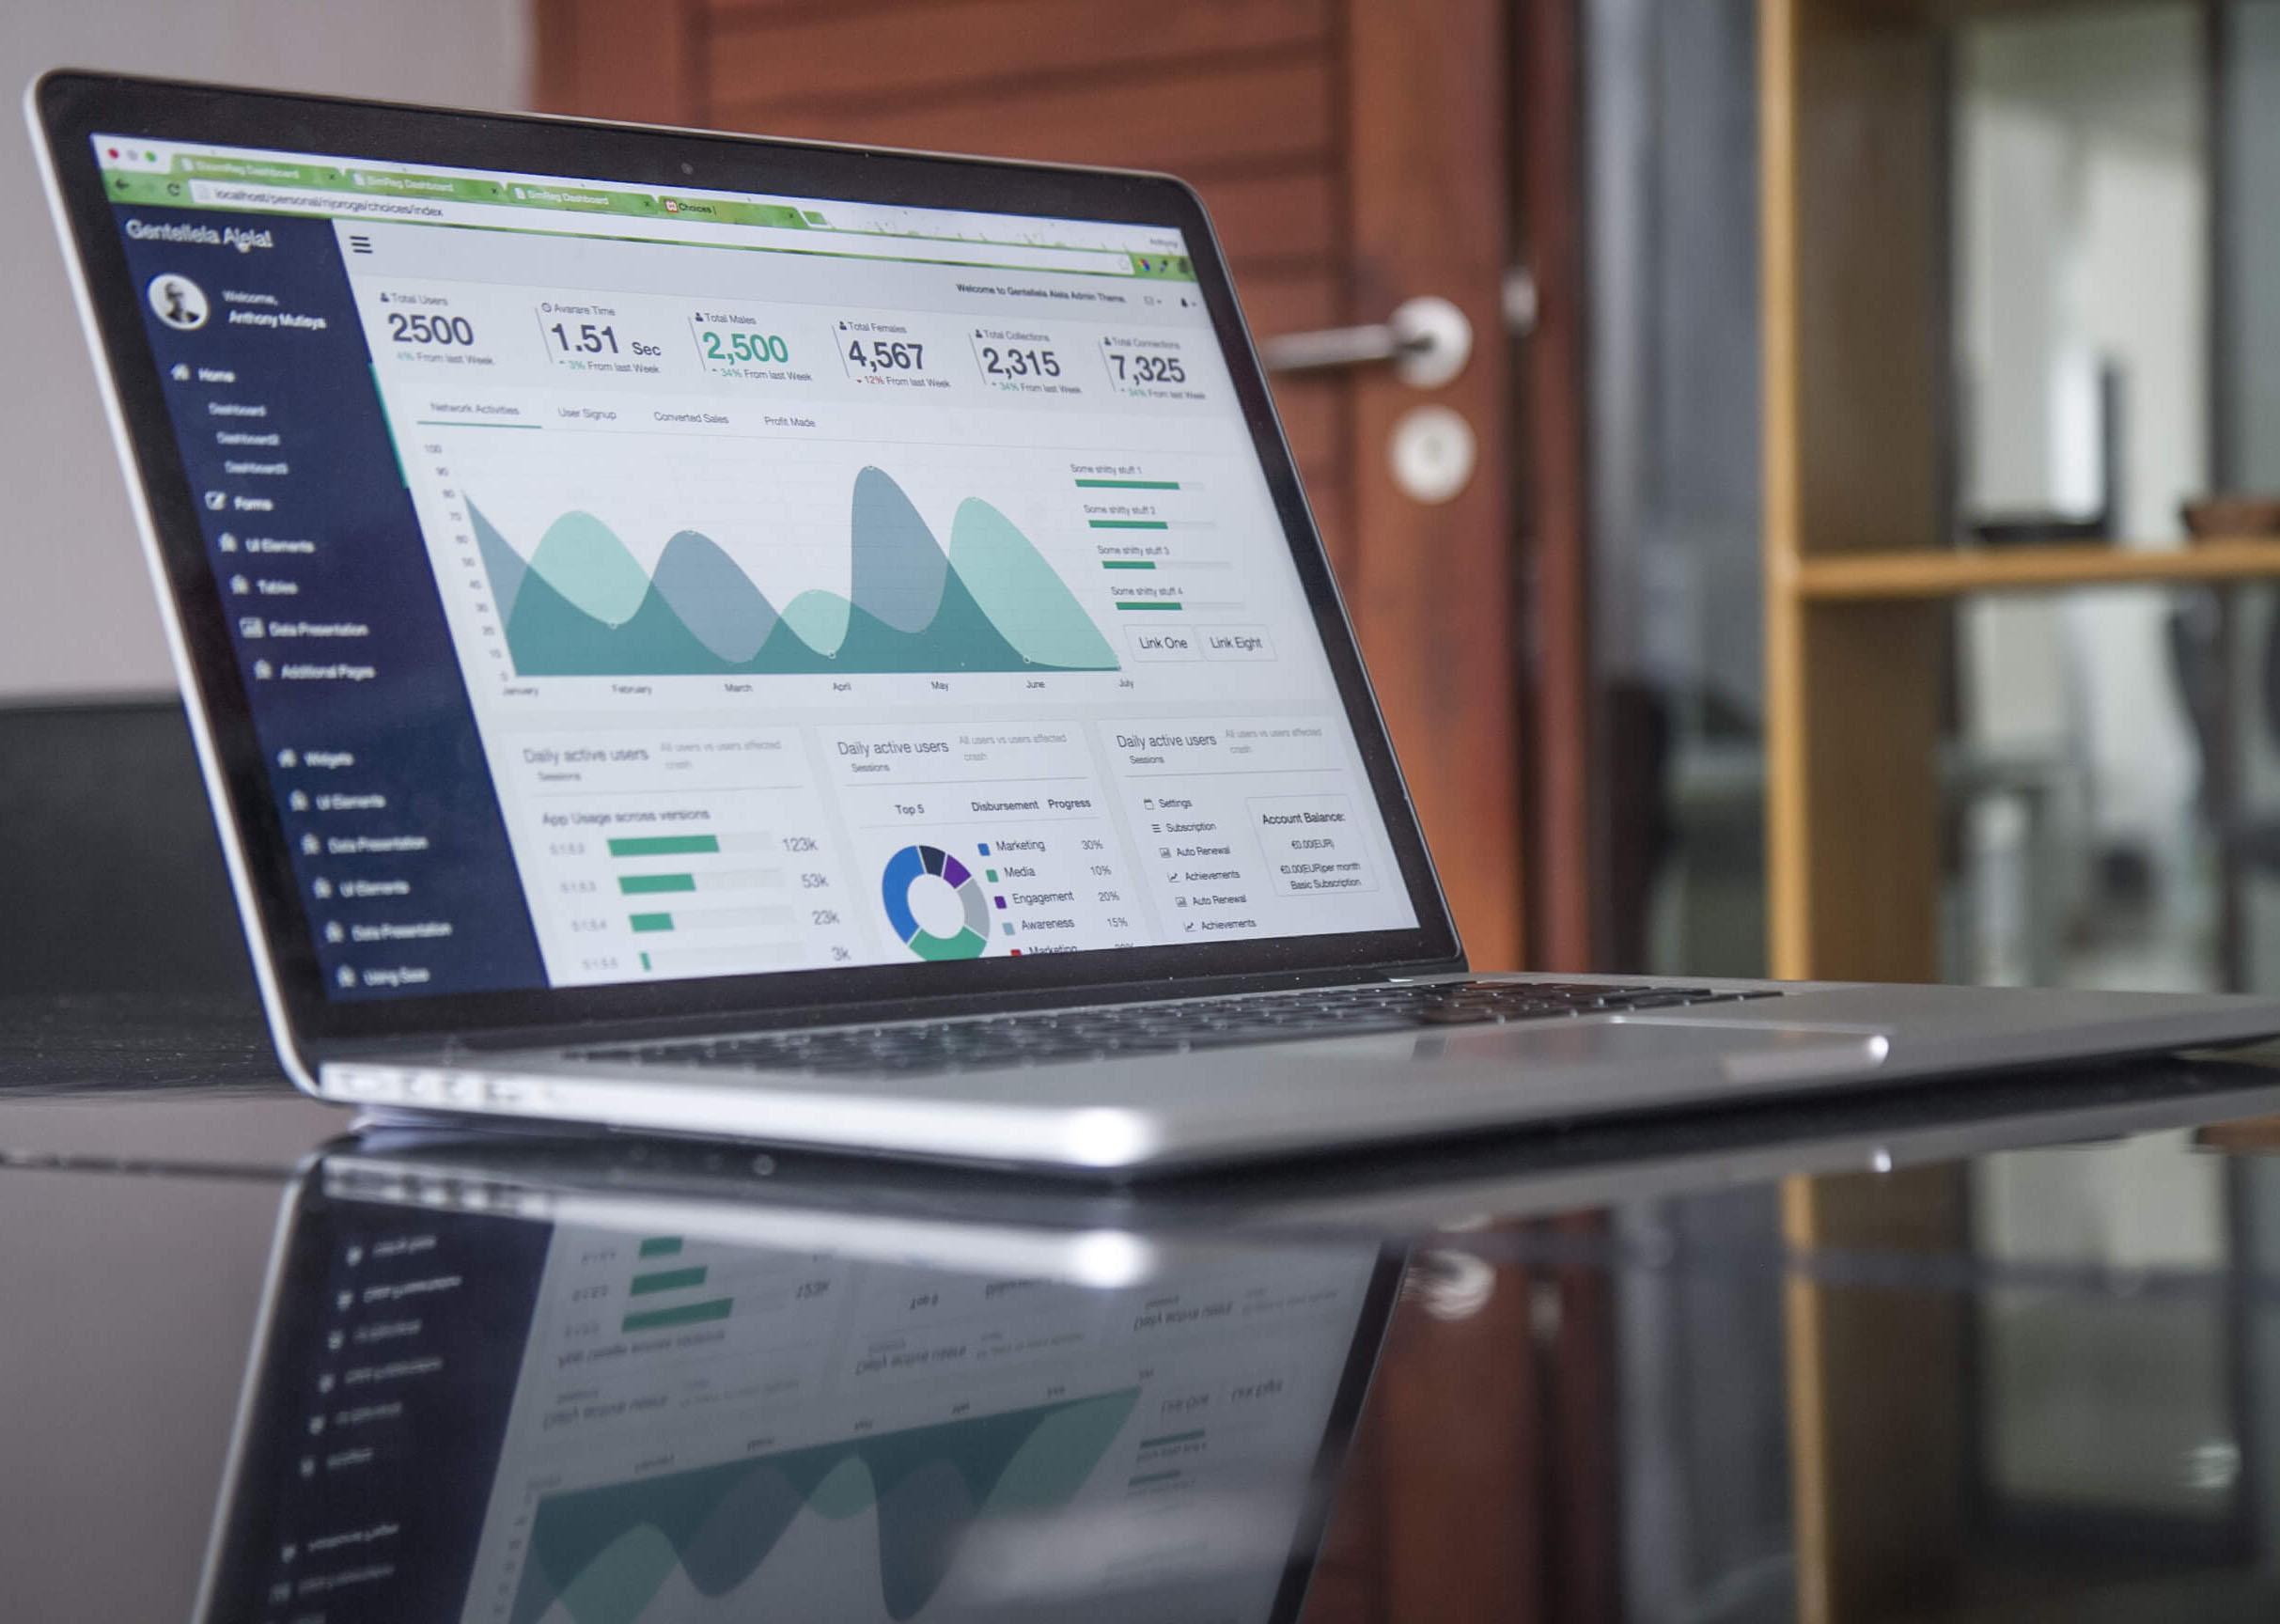 SMS marketing key performance indicators